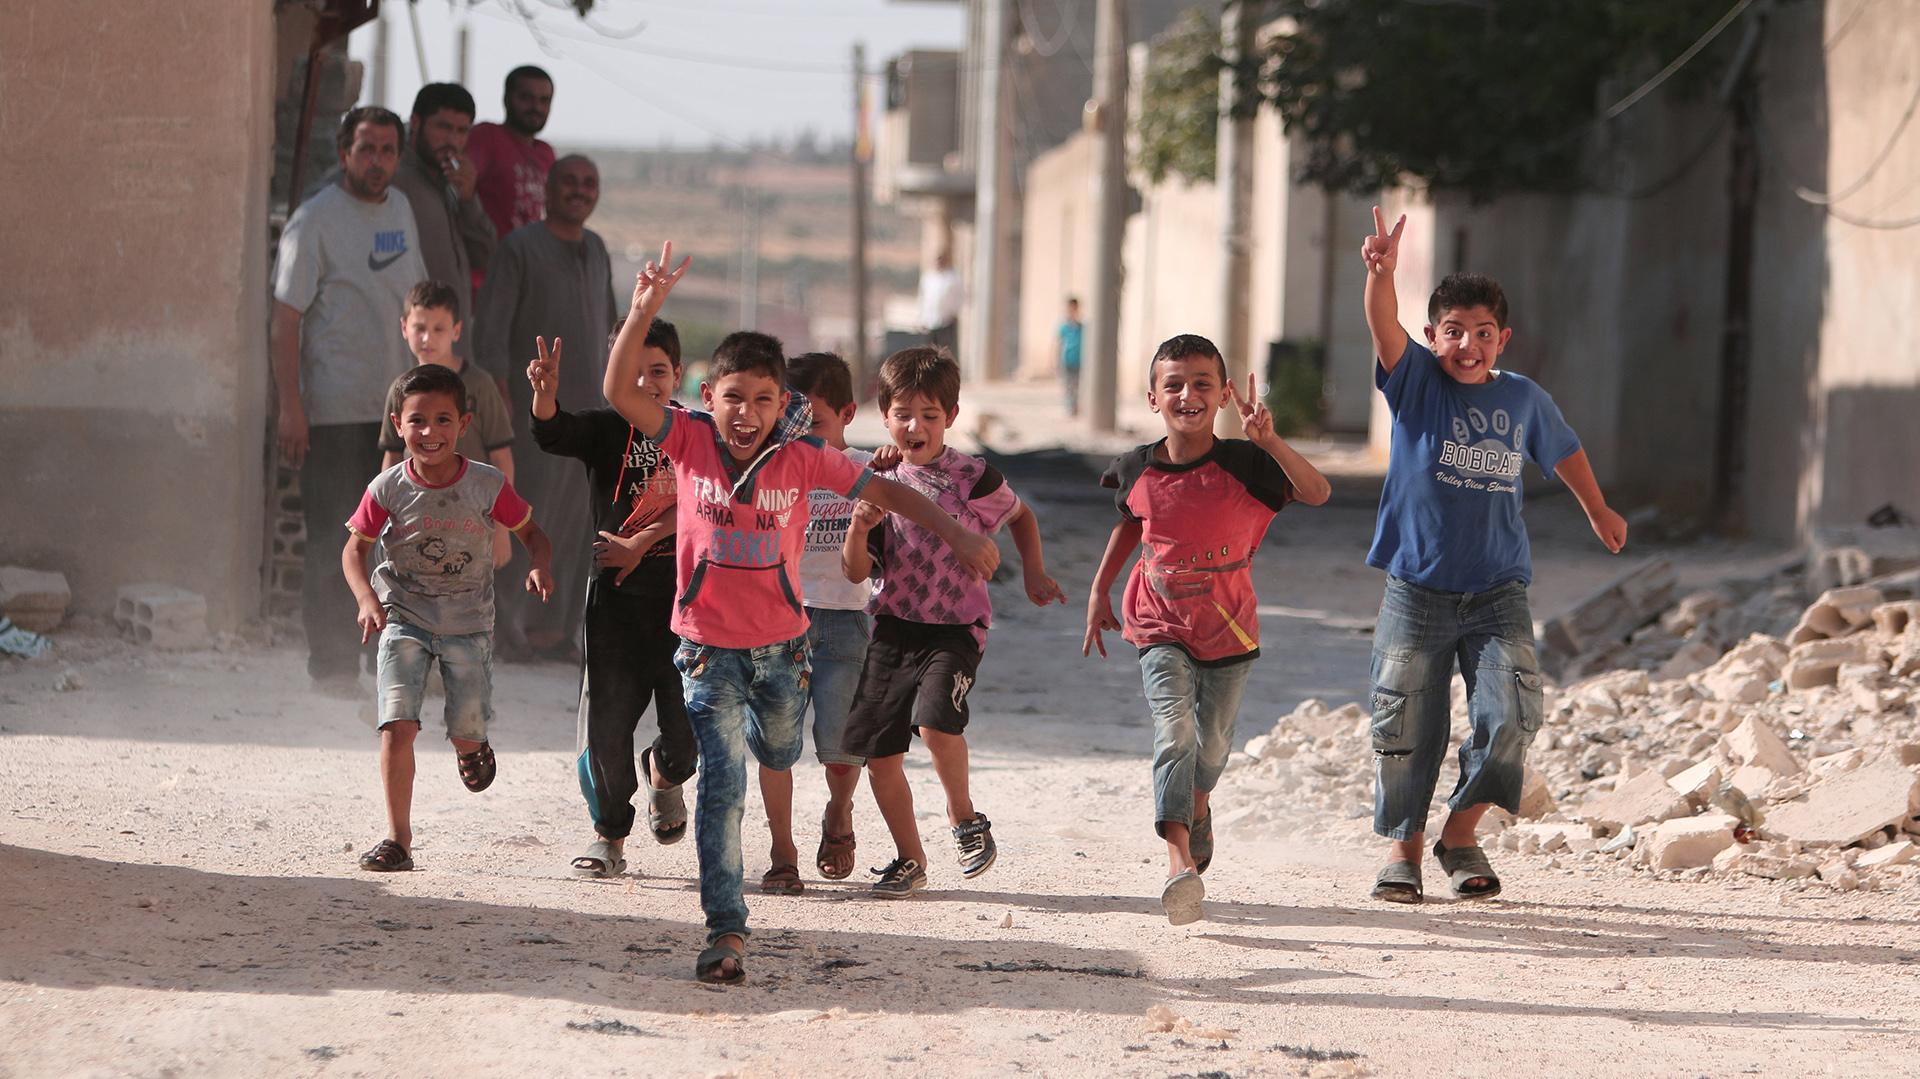 Los niños celebran la retirada de ISIS en Manbij, Siria. REUTERS/Rodi Said